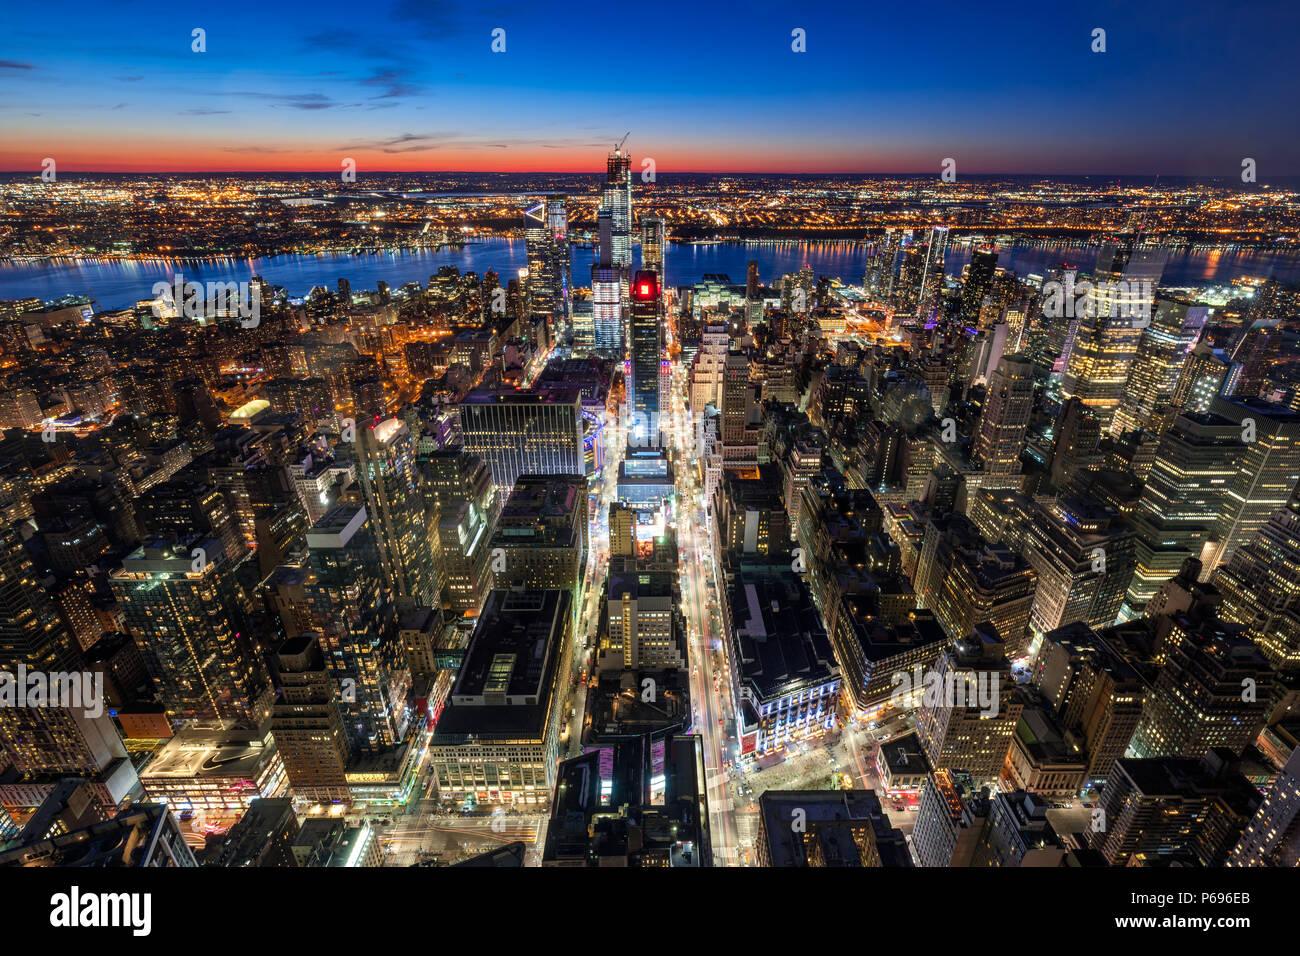 New York City, NY, USA-Mach 11, 2018: Luftaufnahme von Manhattan Midtown West mit neuen Hudson Yards Wolkenkratzer im Bau in der Dämmerung. Stockbild